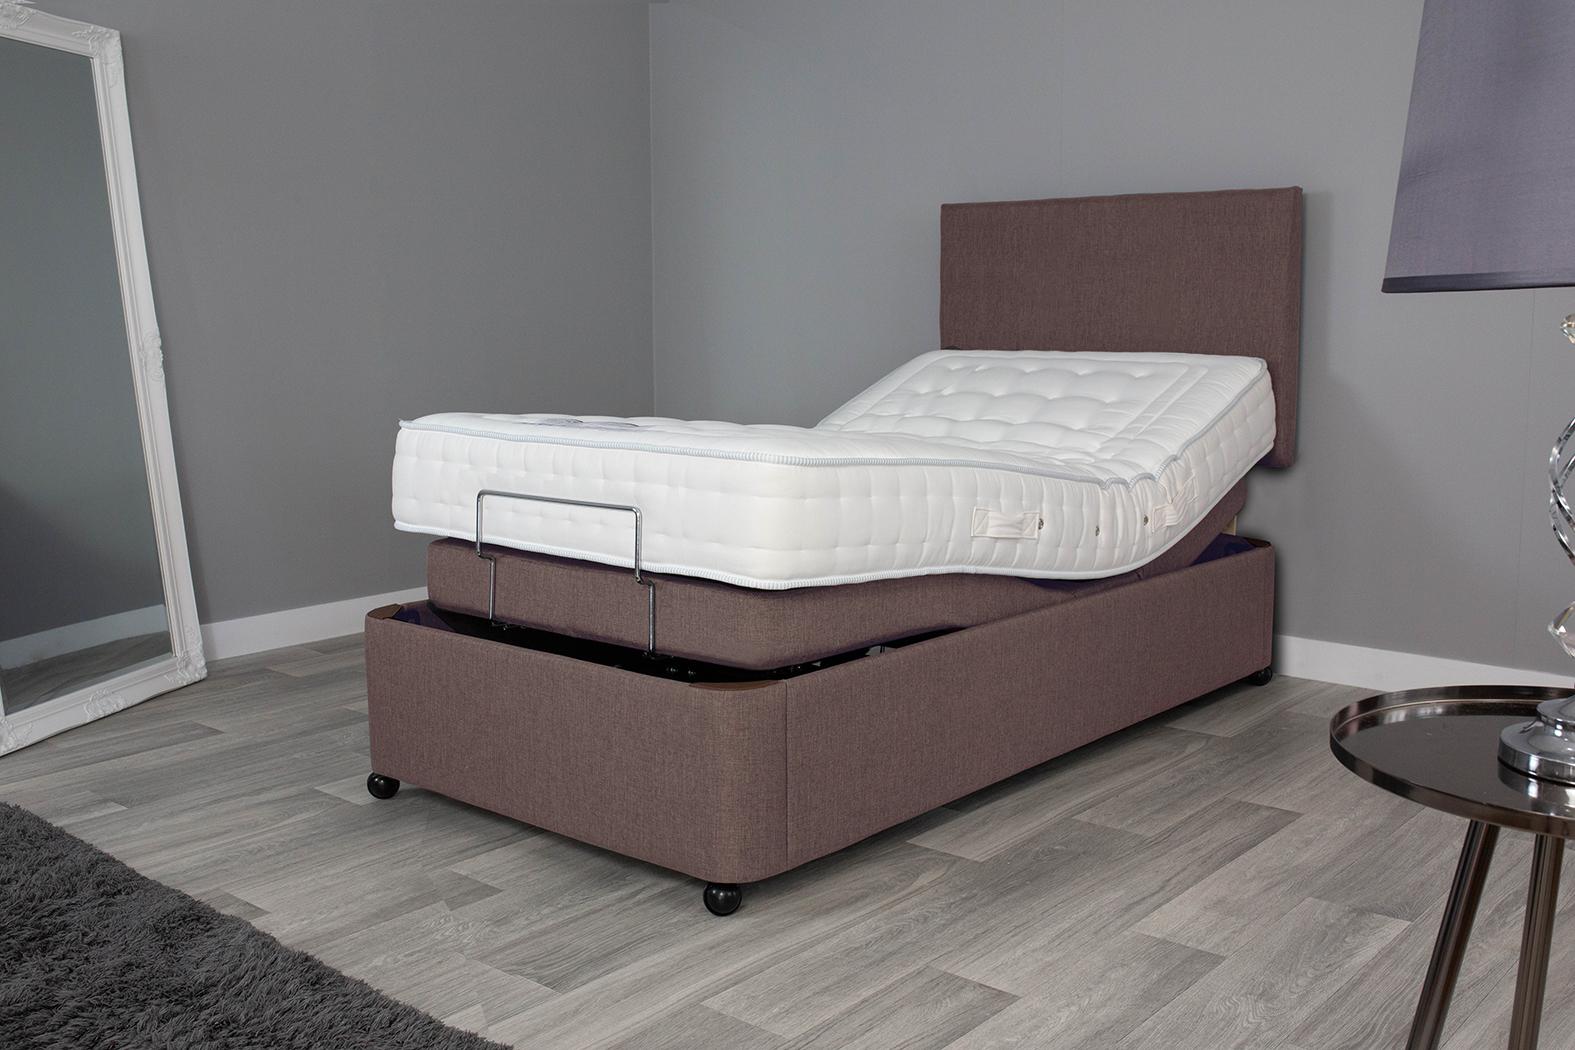 Elan_4ft Single bed varimatic